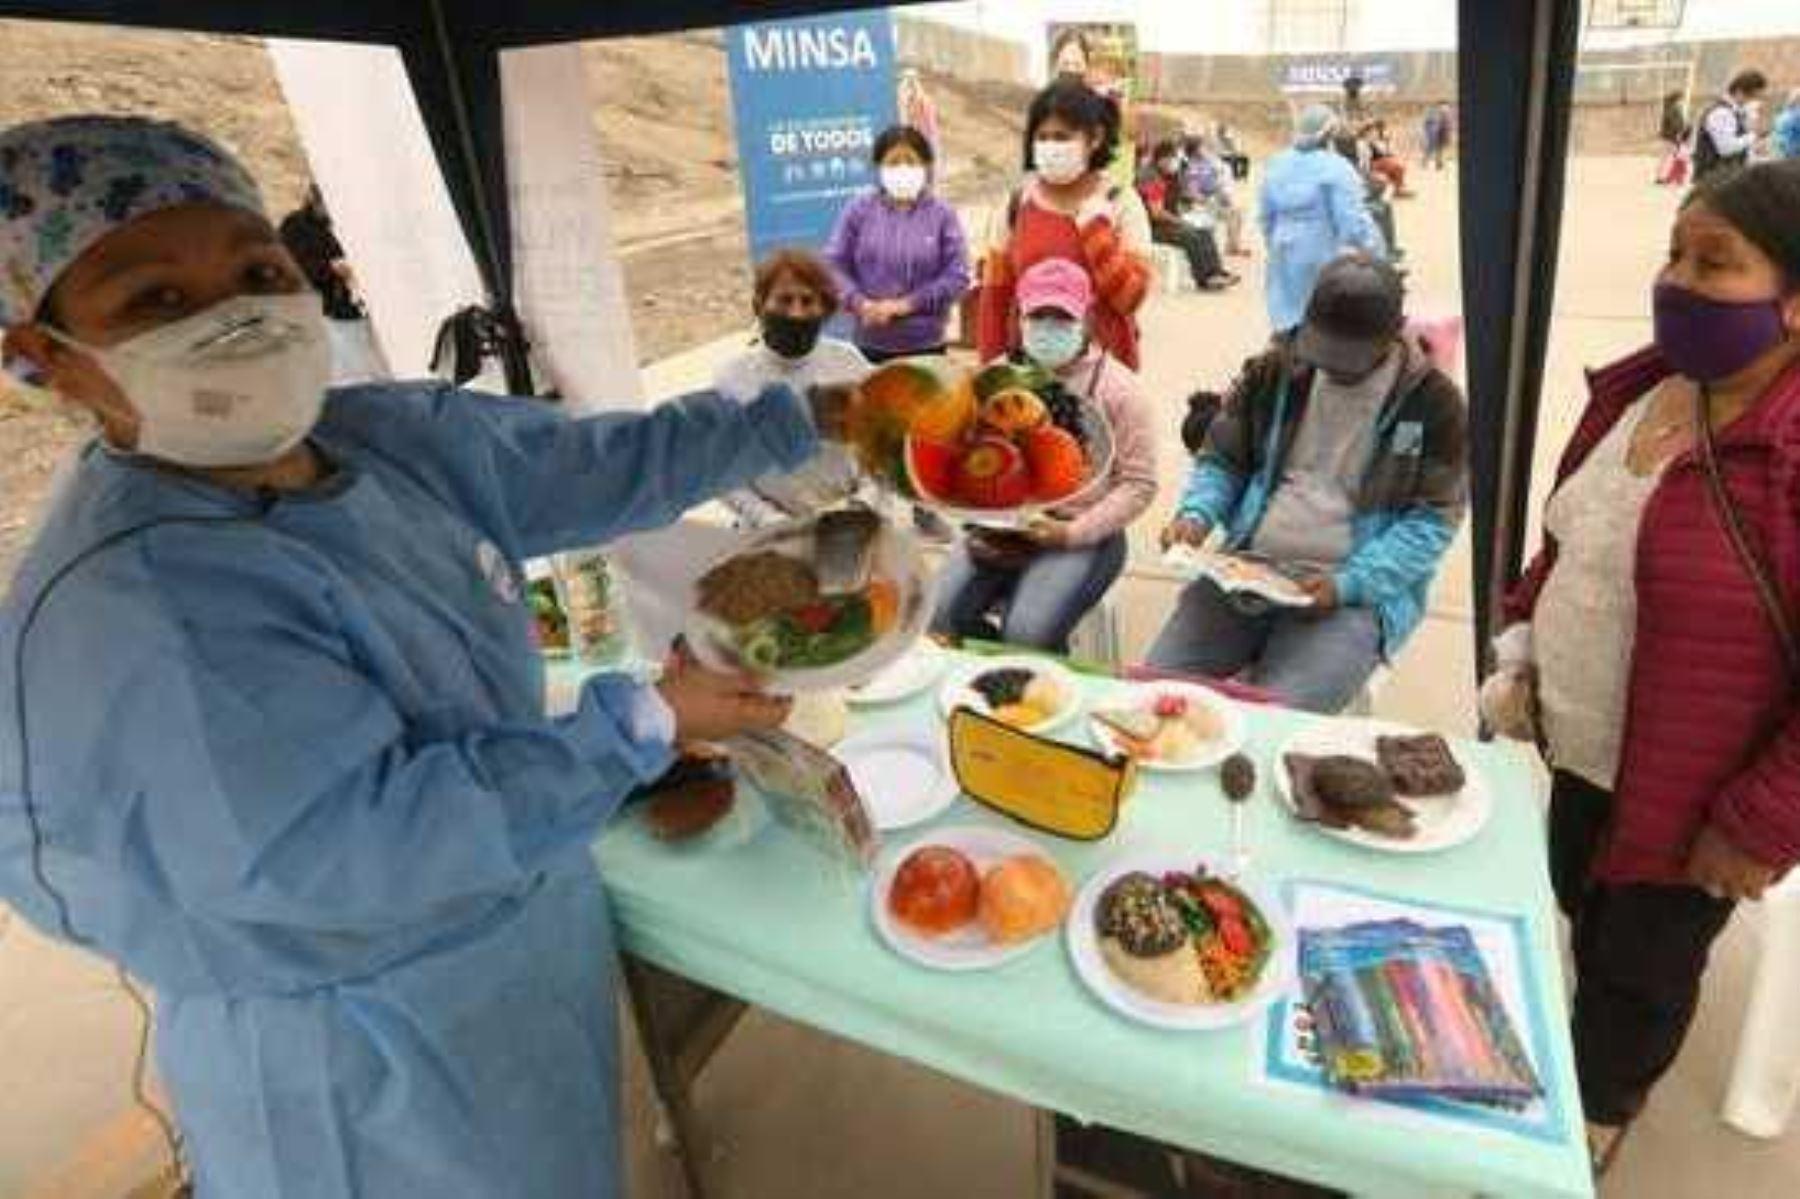 Minsa: 30% de casos de cáncer se puede prevenir con conductas y estilos de vida saludables. Foto: ANDINA/Difusión.